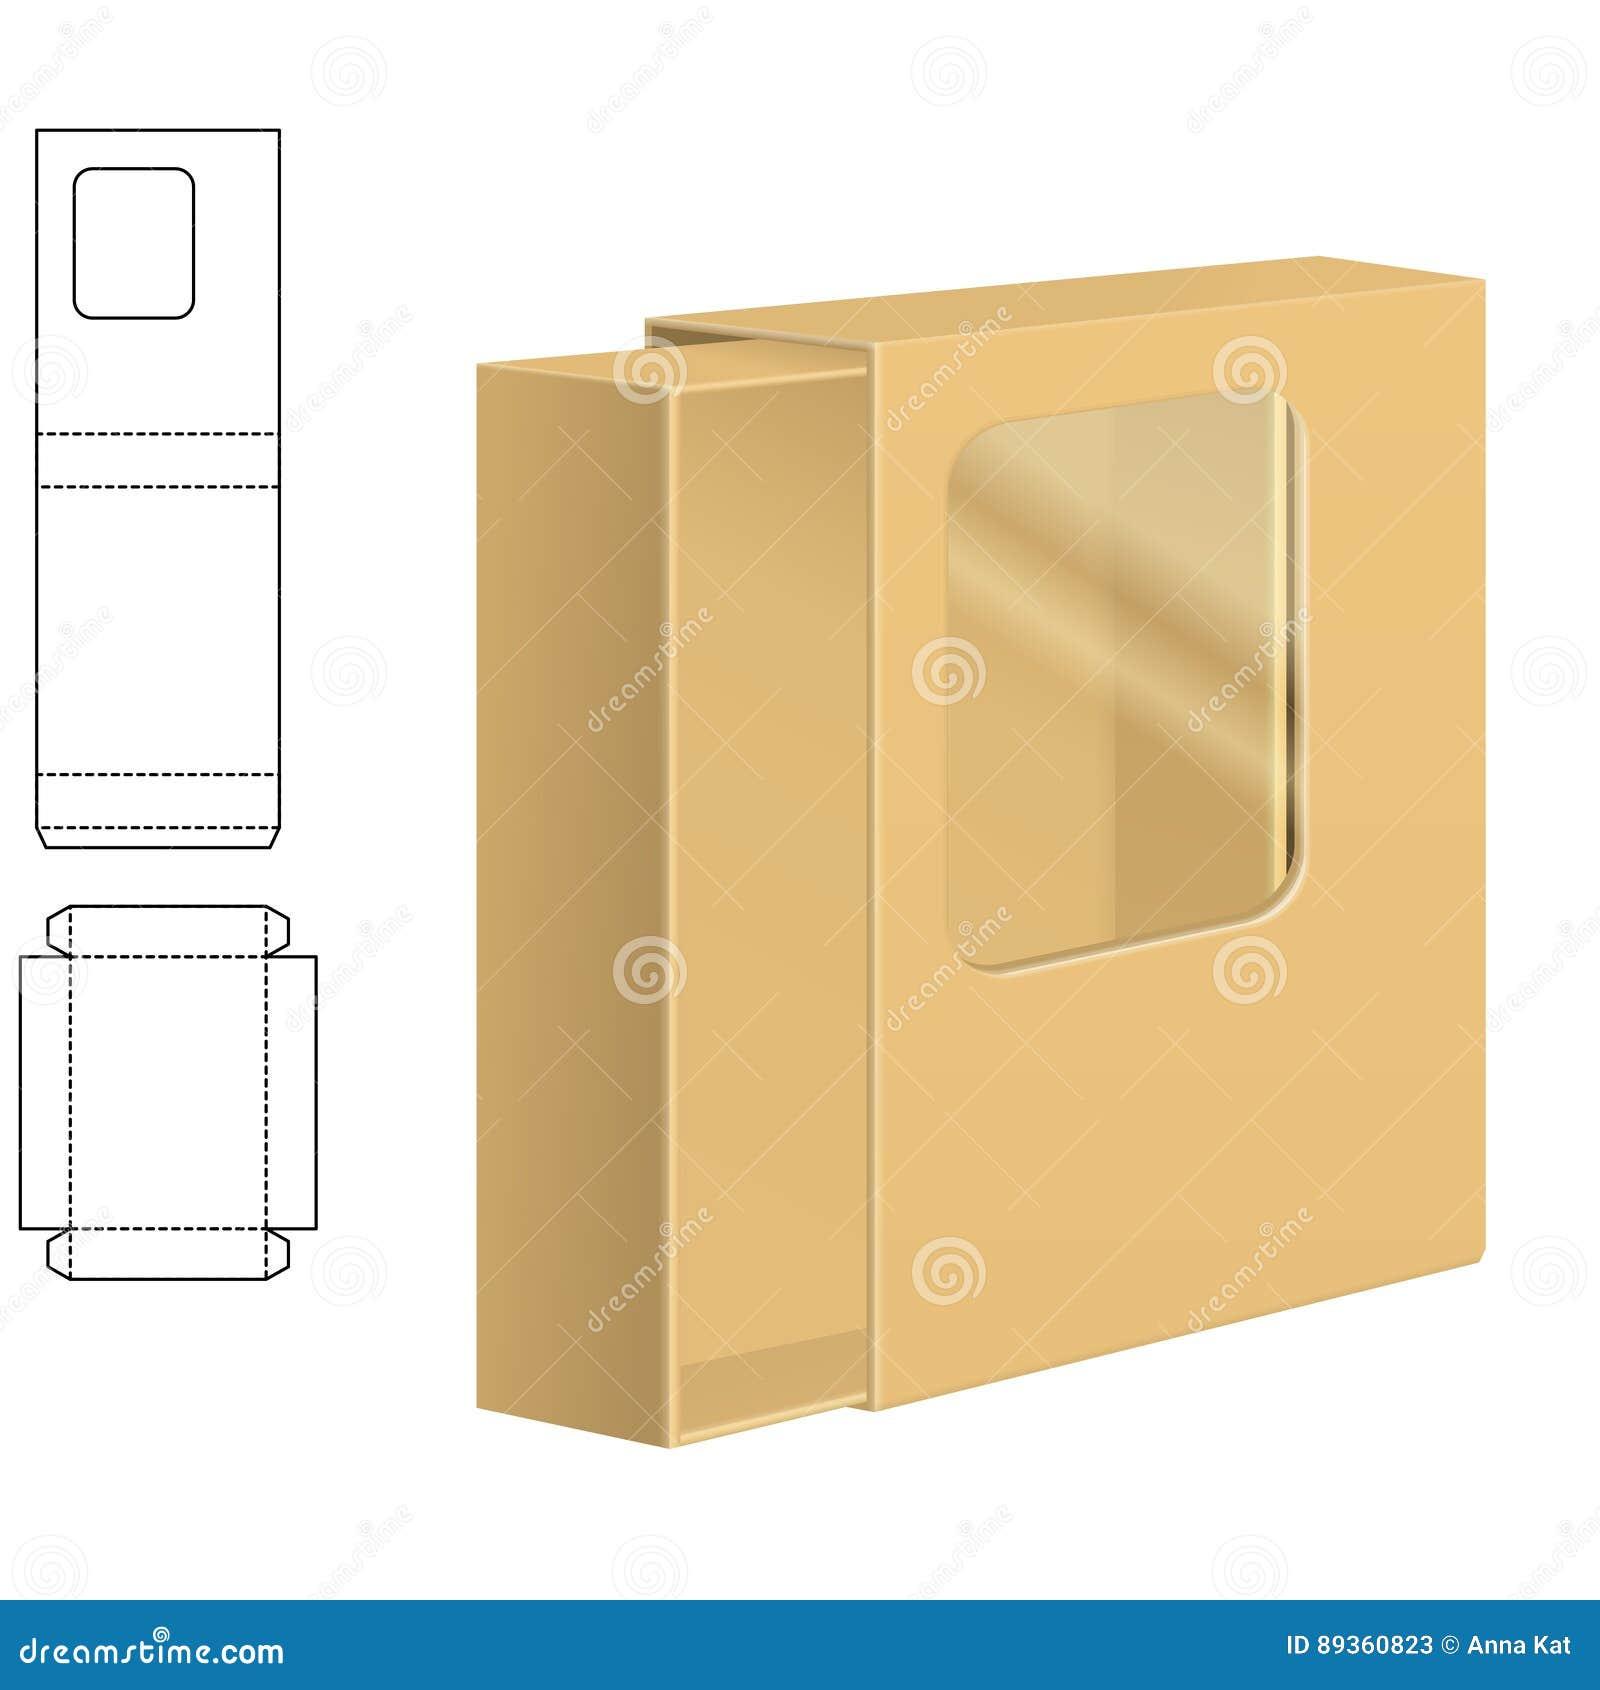 Σαφές κιβώτιο χαρτοκιβωτίων